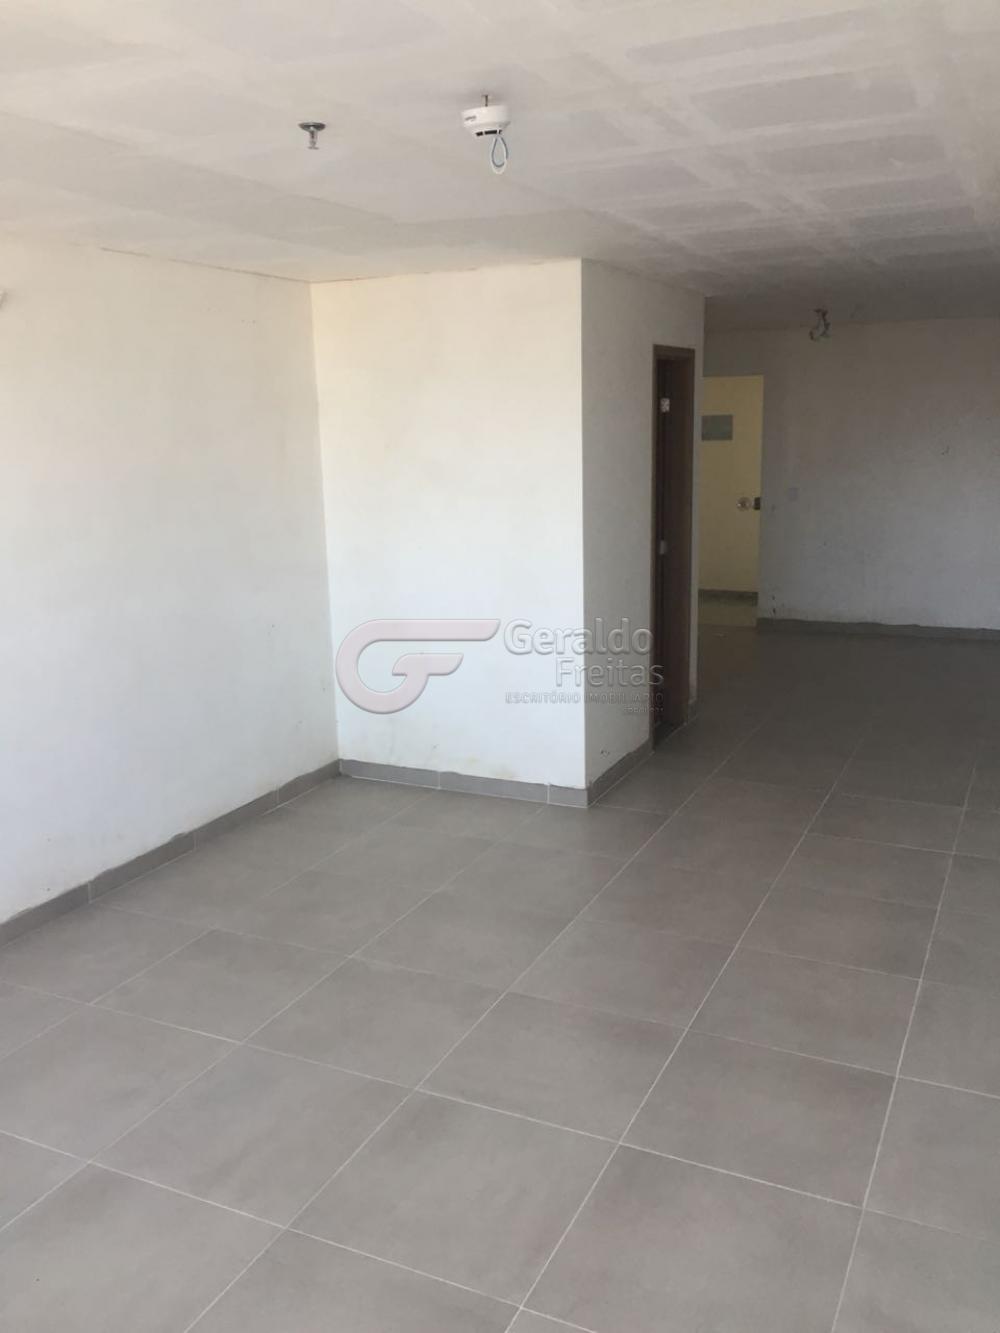 Alugar Comerciais / Salas em Maceió apenas R$ 1.441,92 - Foto 5